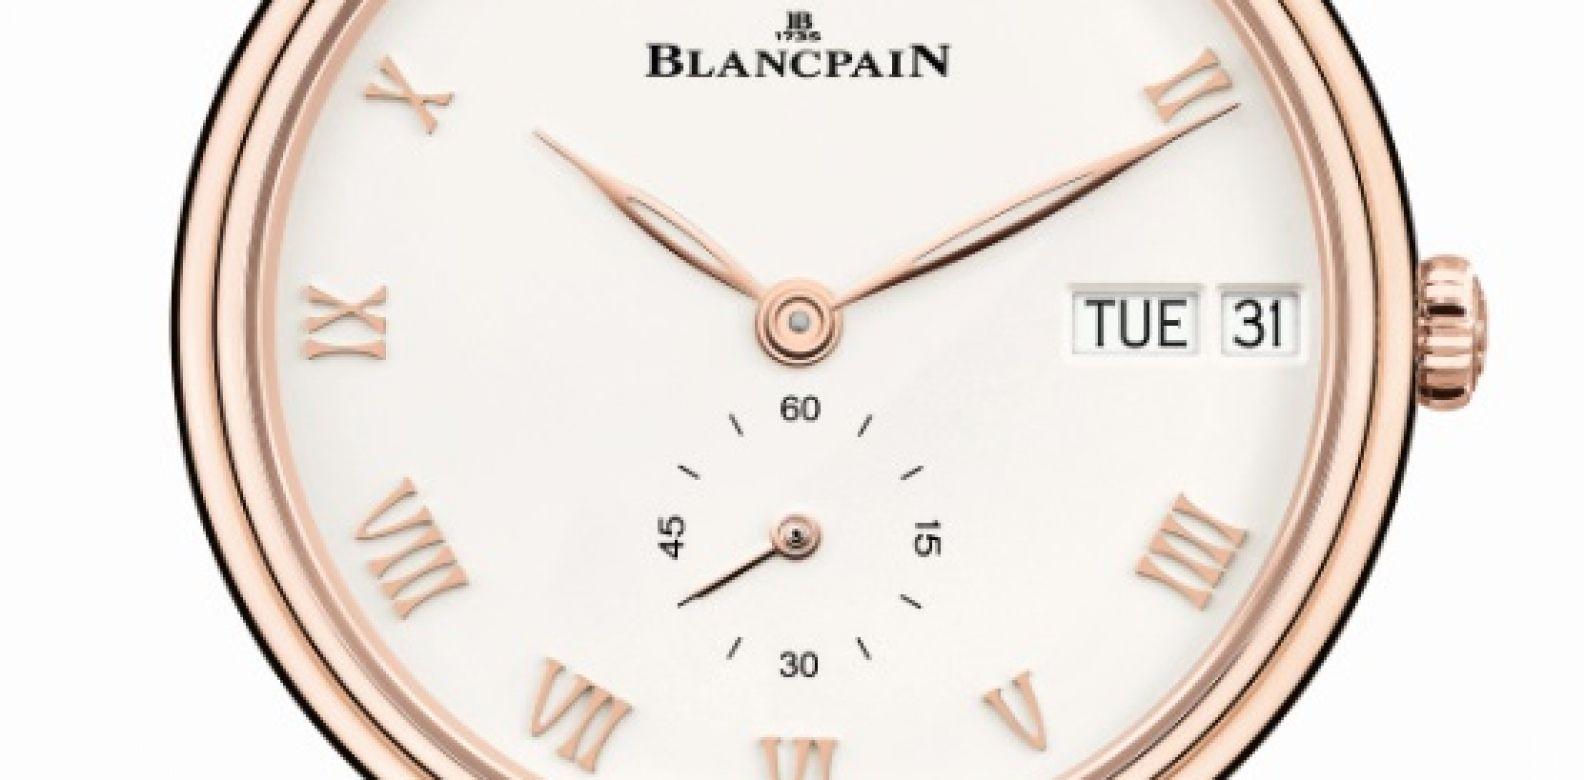 Blancpain Villeret Jour Date